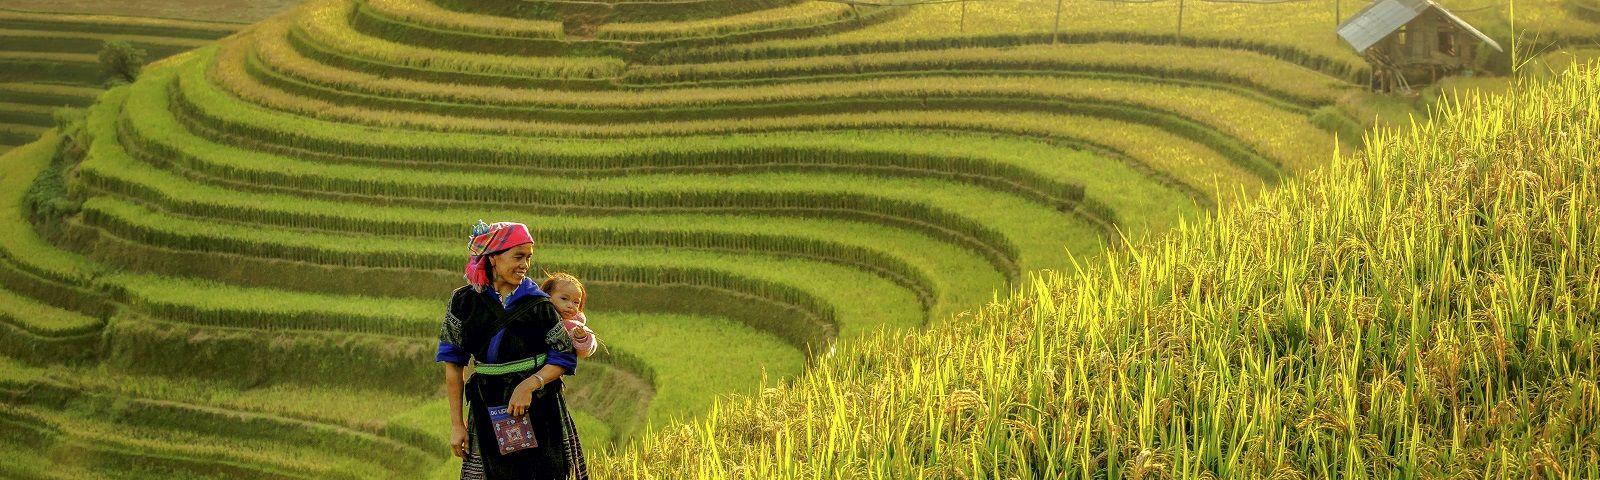 Mutter mit Baby auf dem Arm steht zwischen den grünen Reisterrassen von Mu Cang in Vietnam